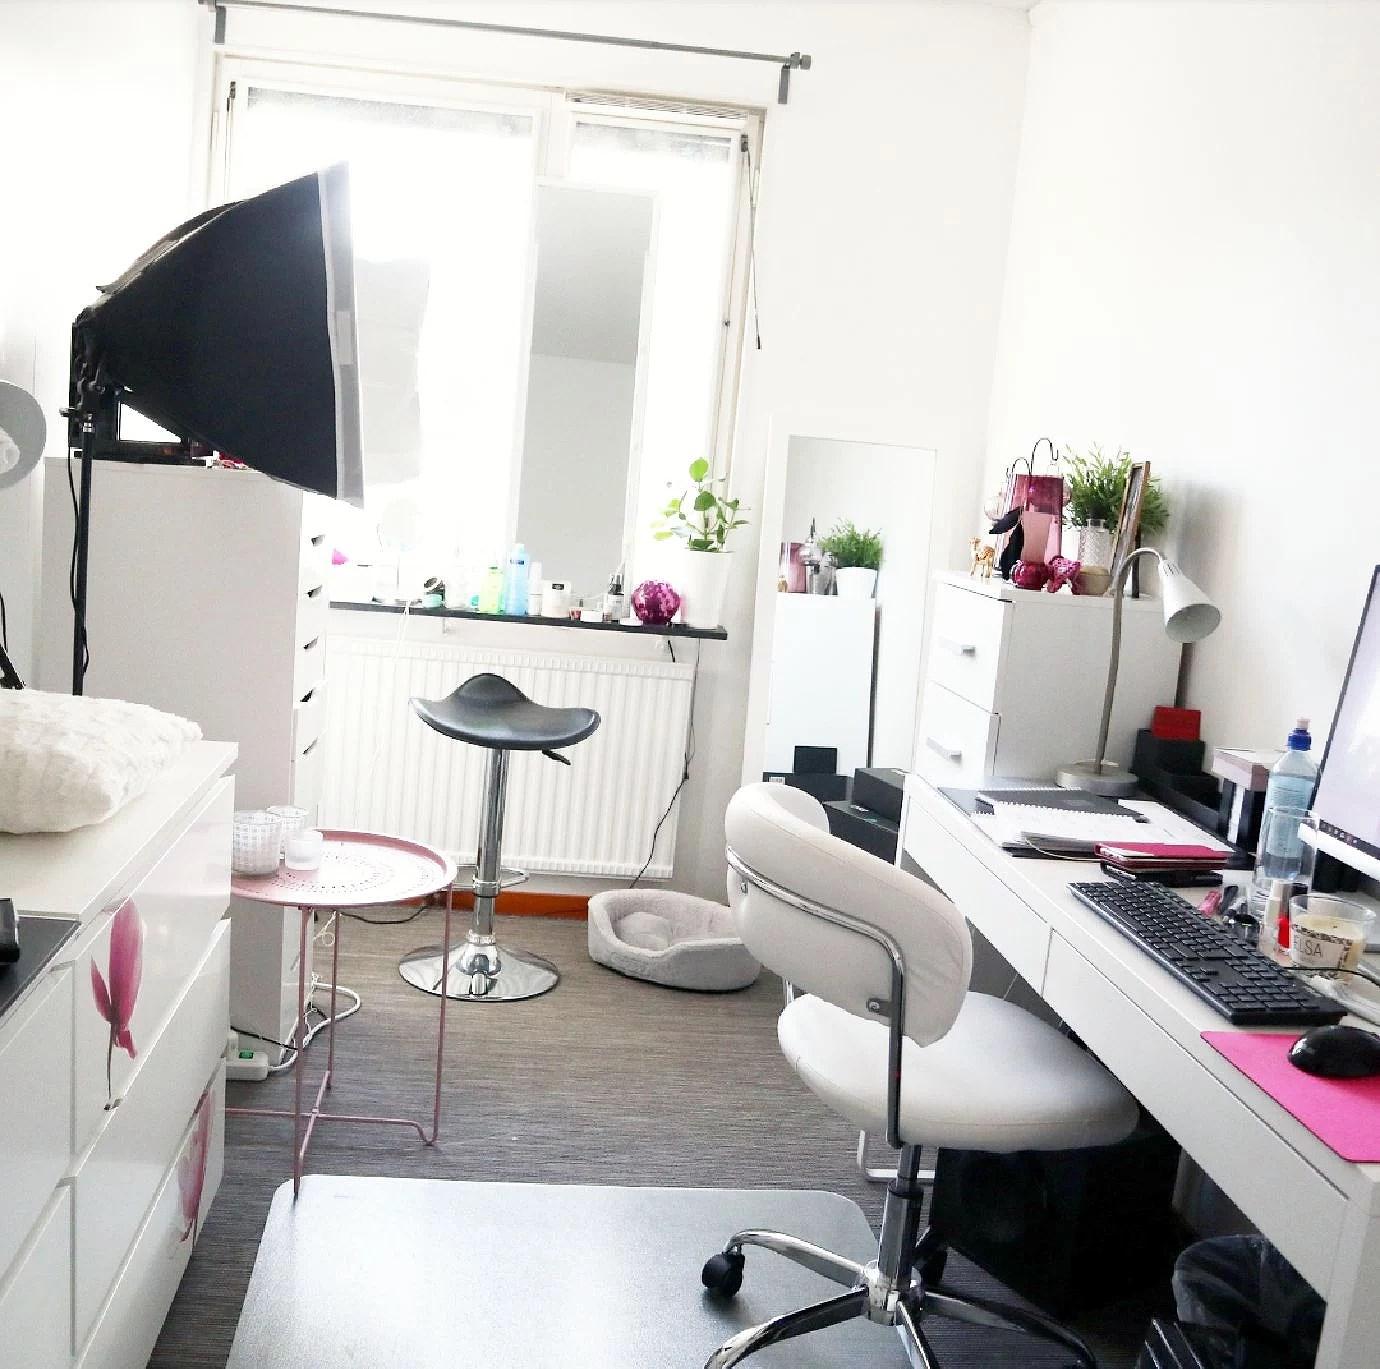 Ny video: Svarar på frågor & visar mitt rum